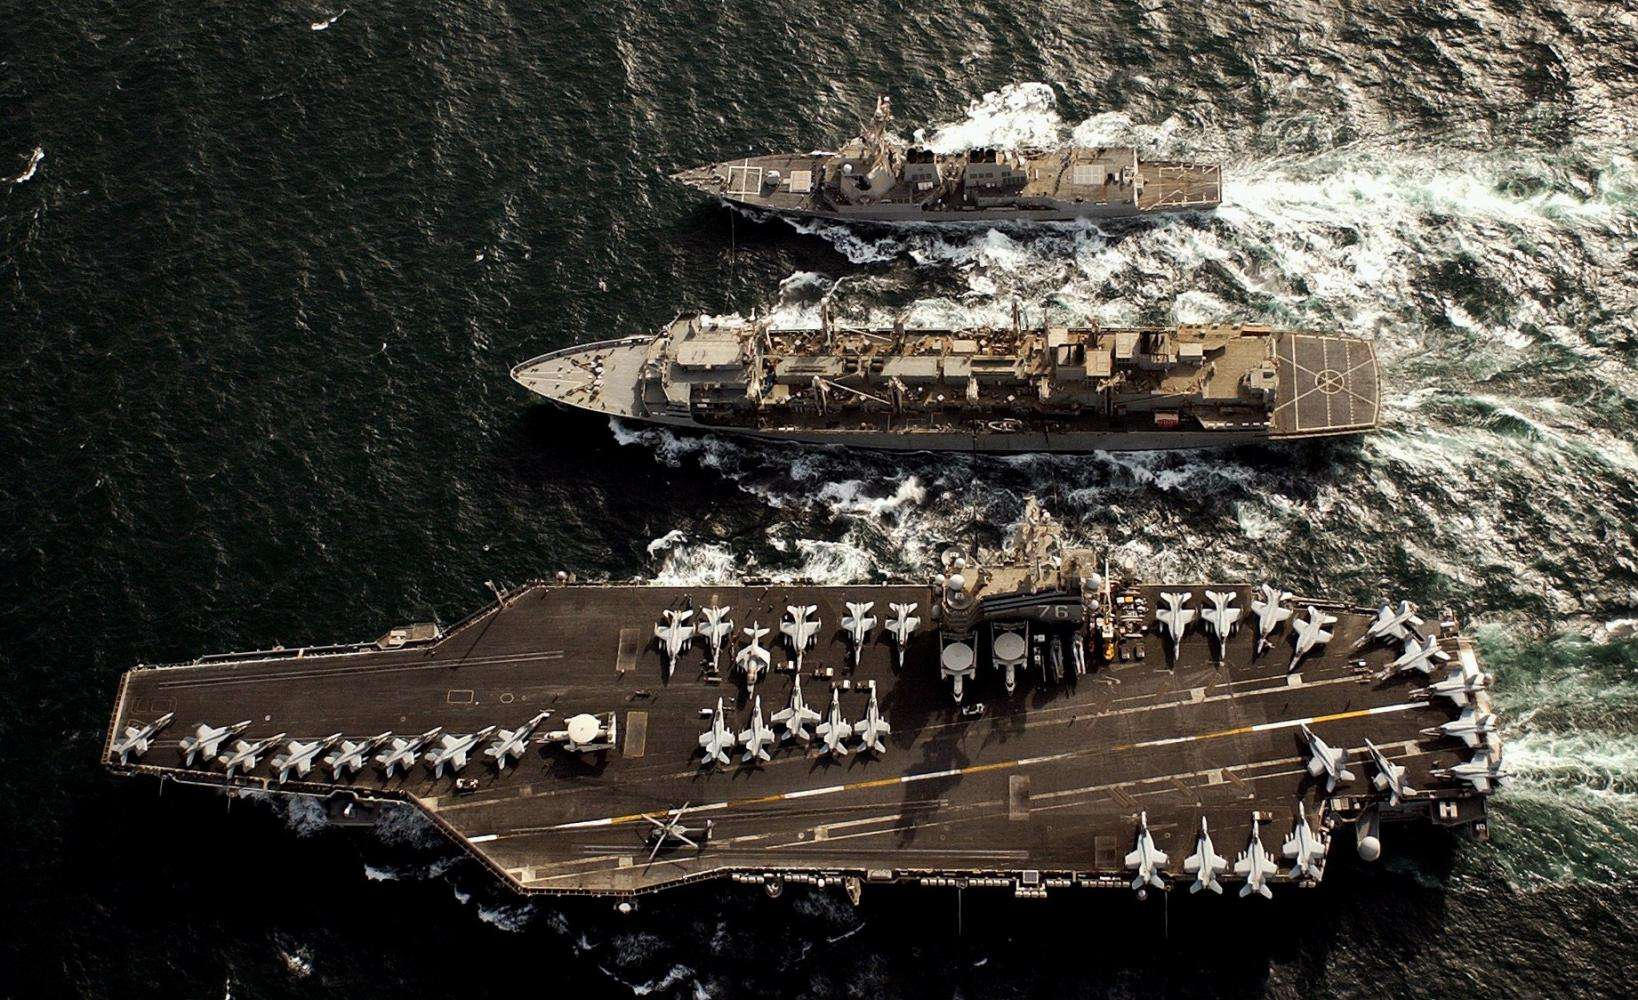 中国反航母的手段多 一招可瘫痪整个编队